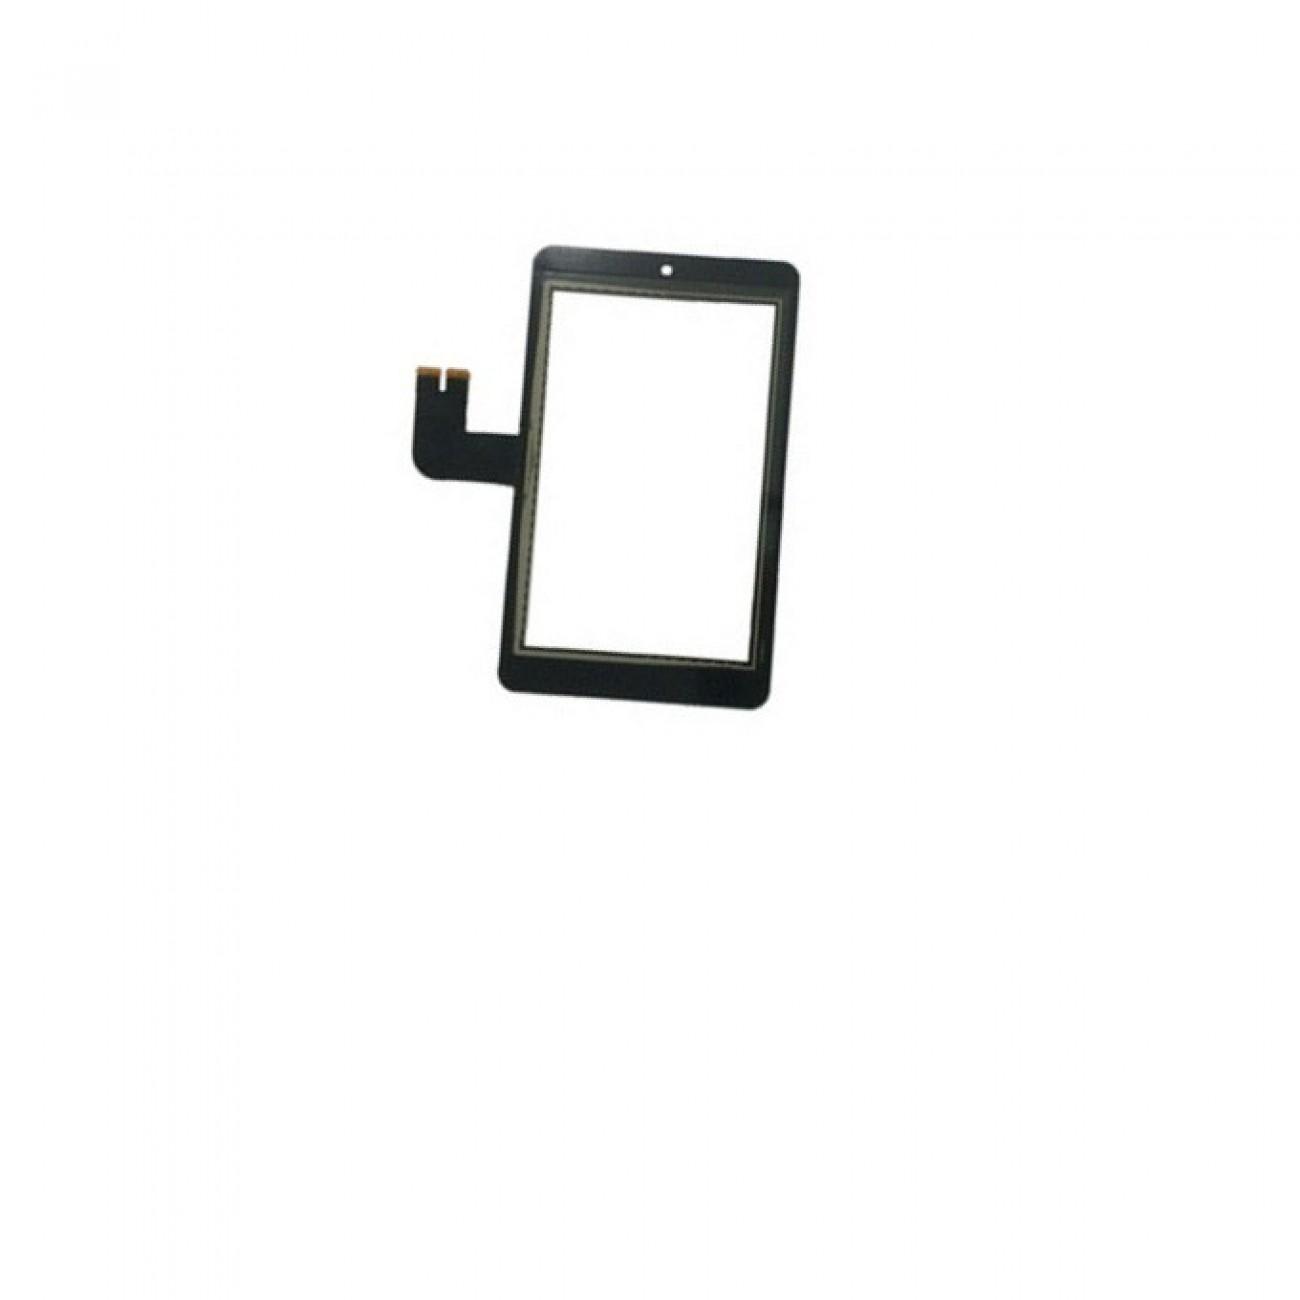 Тъч модул за Asus MemoPad HD7 Me173x - MCF-070-0948-FPC V1.0, touch, черен в Резервни части -  | Alleop